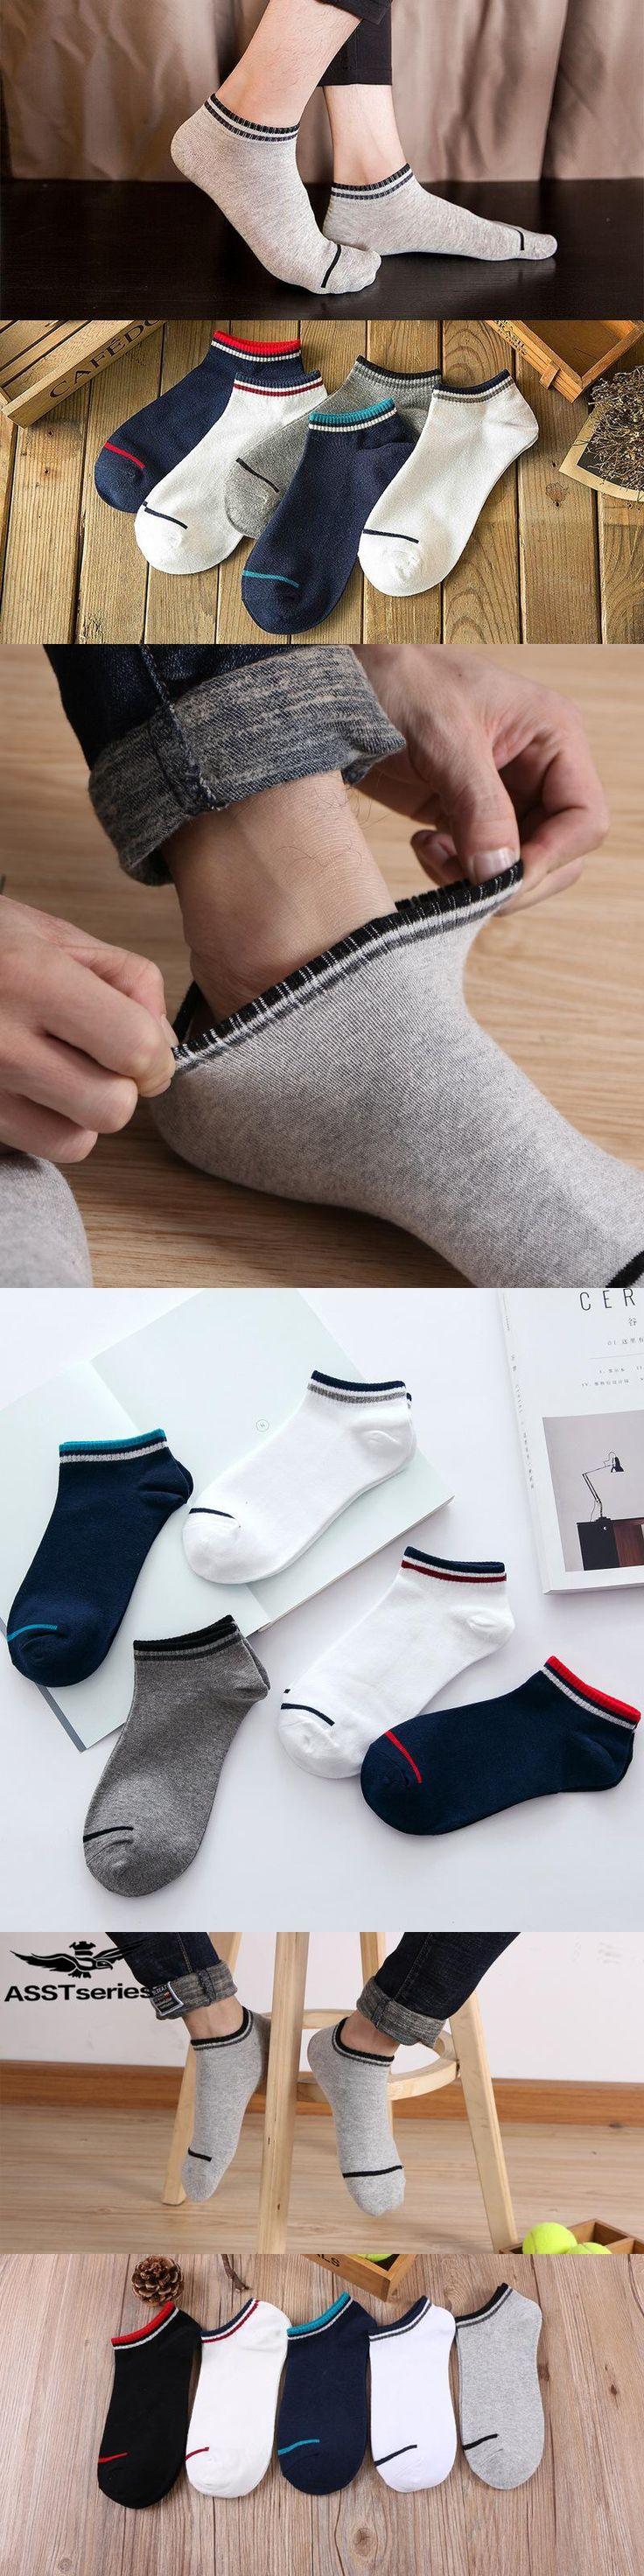 0567618b948a Sping Short Socks Men Men's Socks Calcetines Hombre Meias Meia Homens  Chaussette Homme Sokken Slippers No